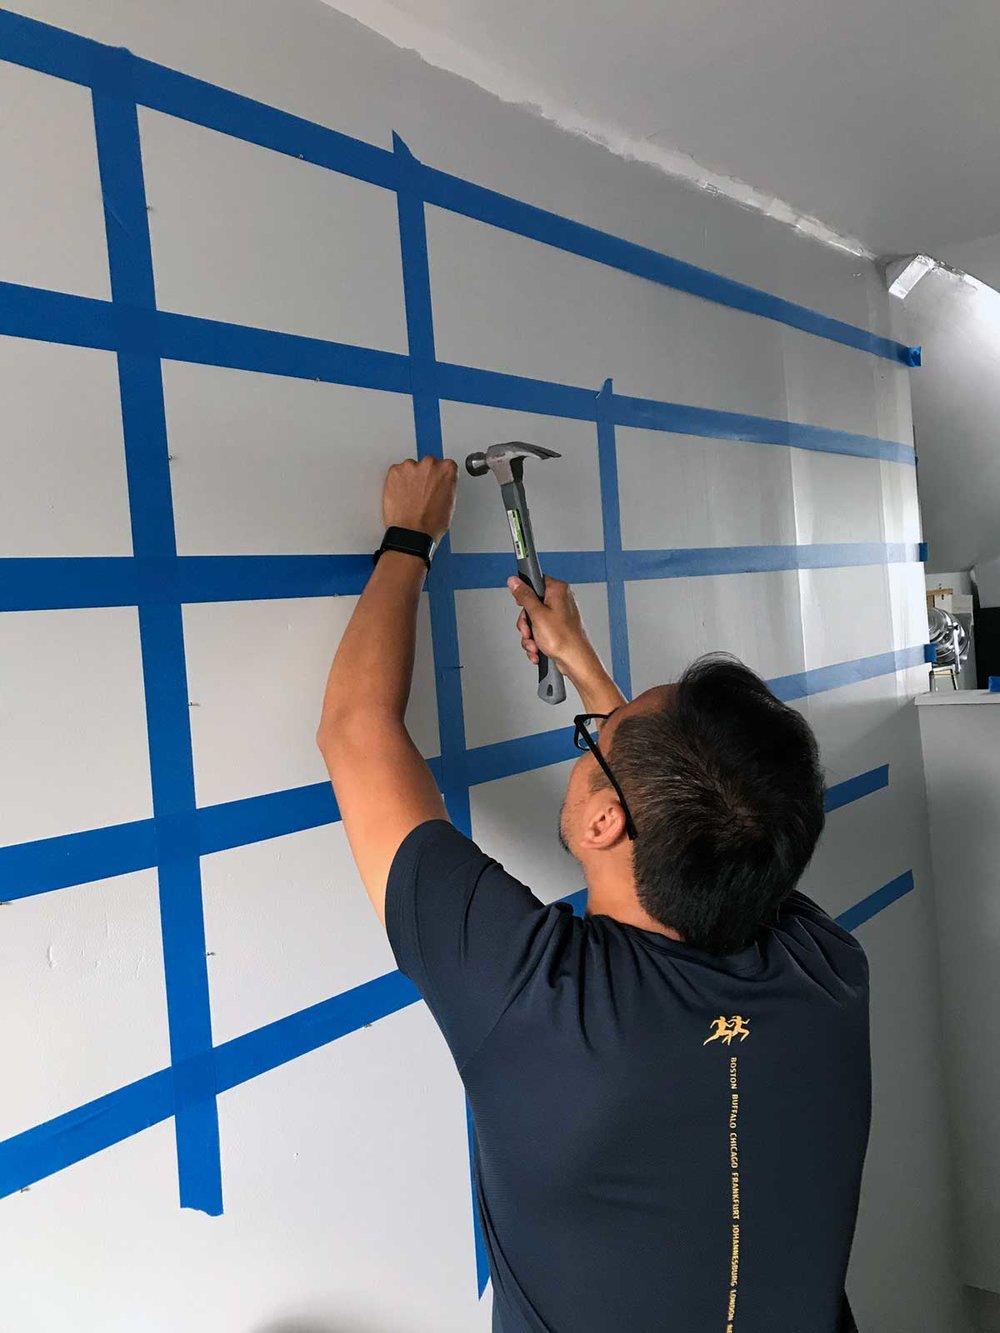 Photo Wall Hammering Nails